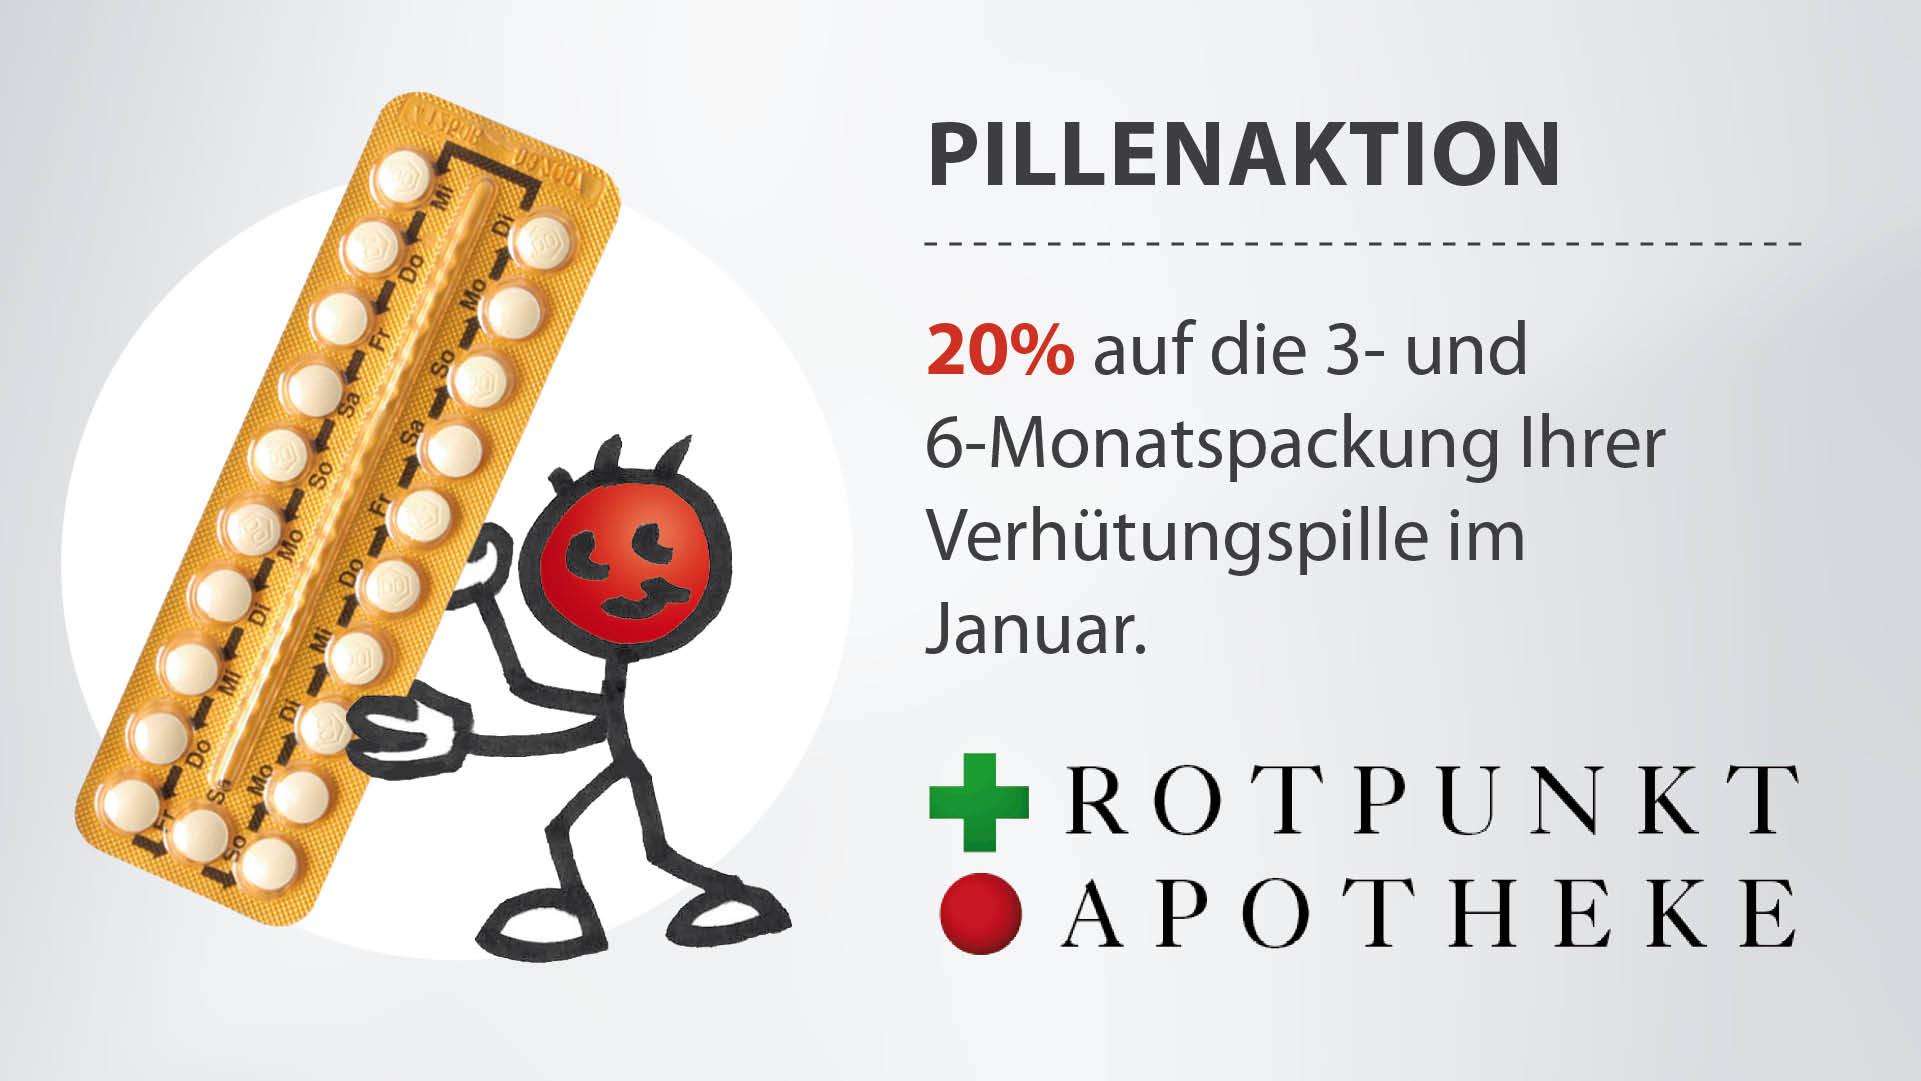 Pillenaktion 3- und 6-Monatspackung Verhütungspille im Januar